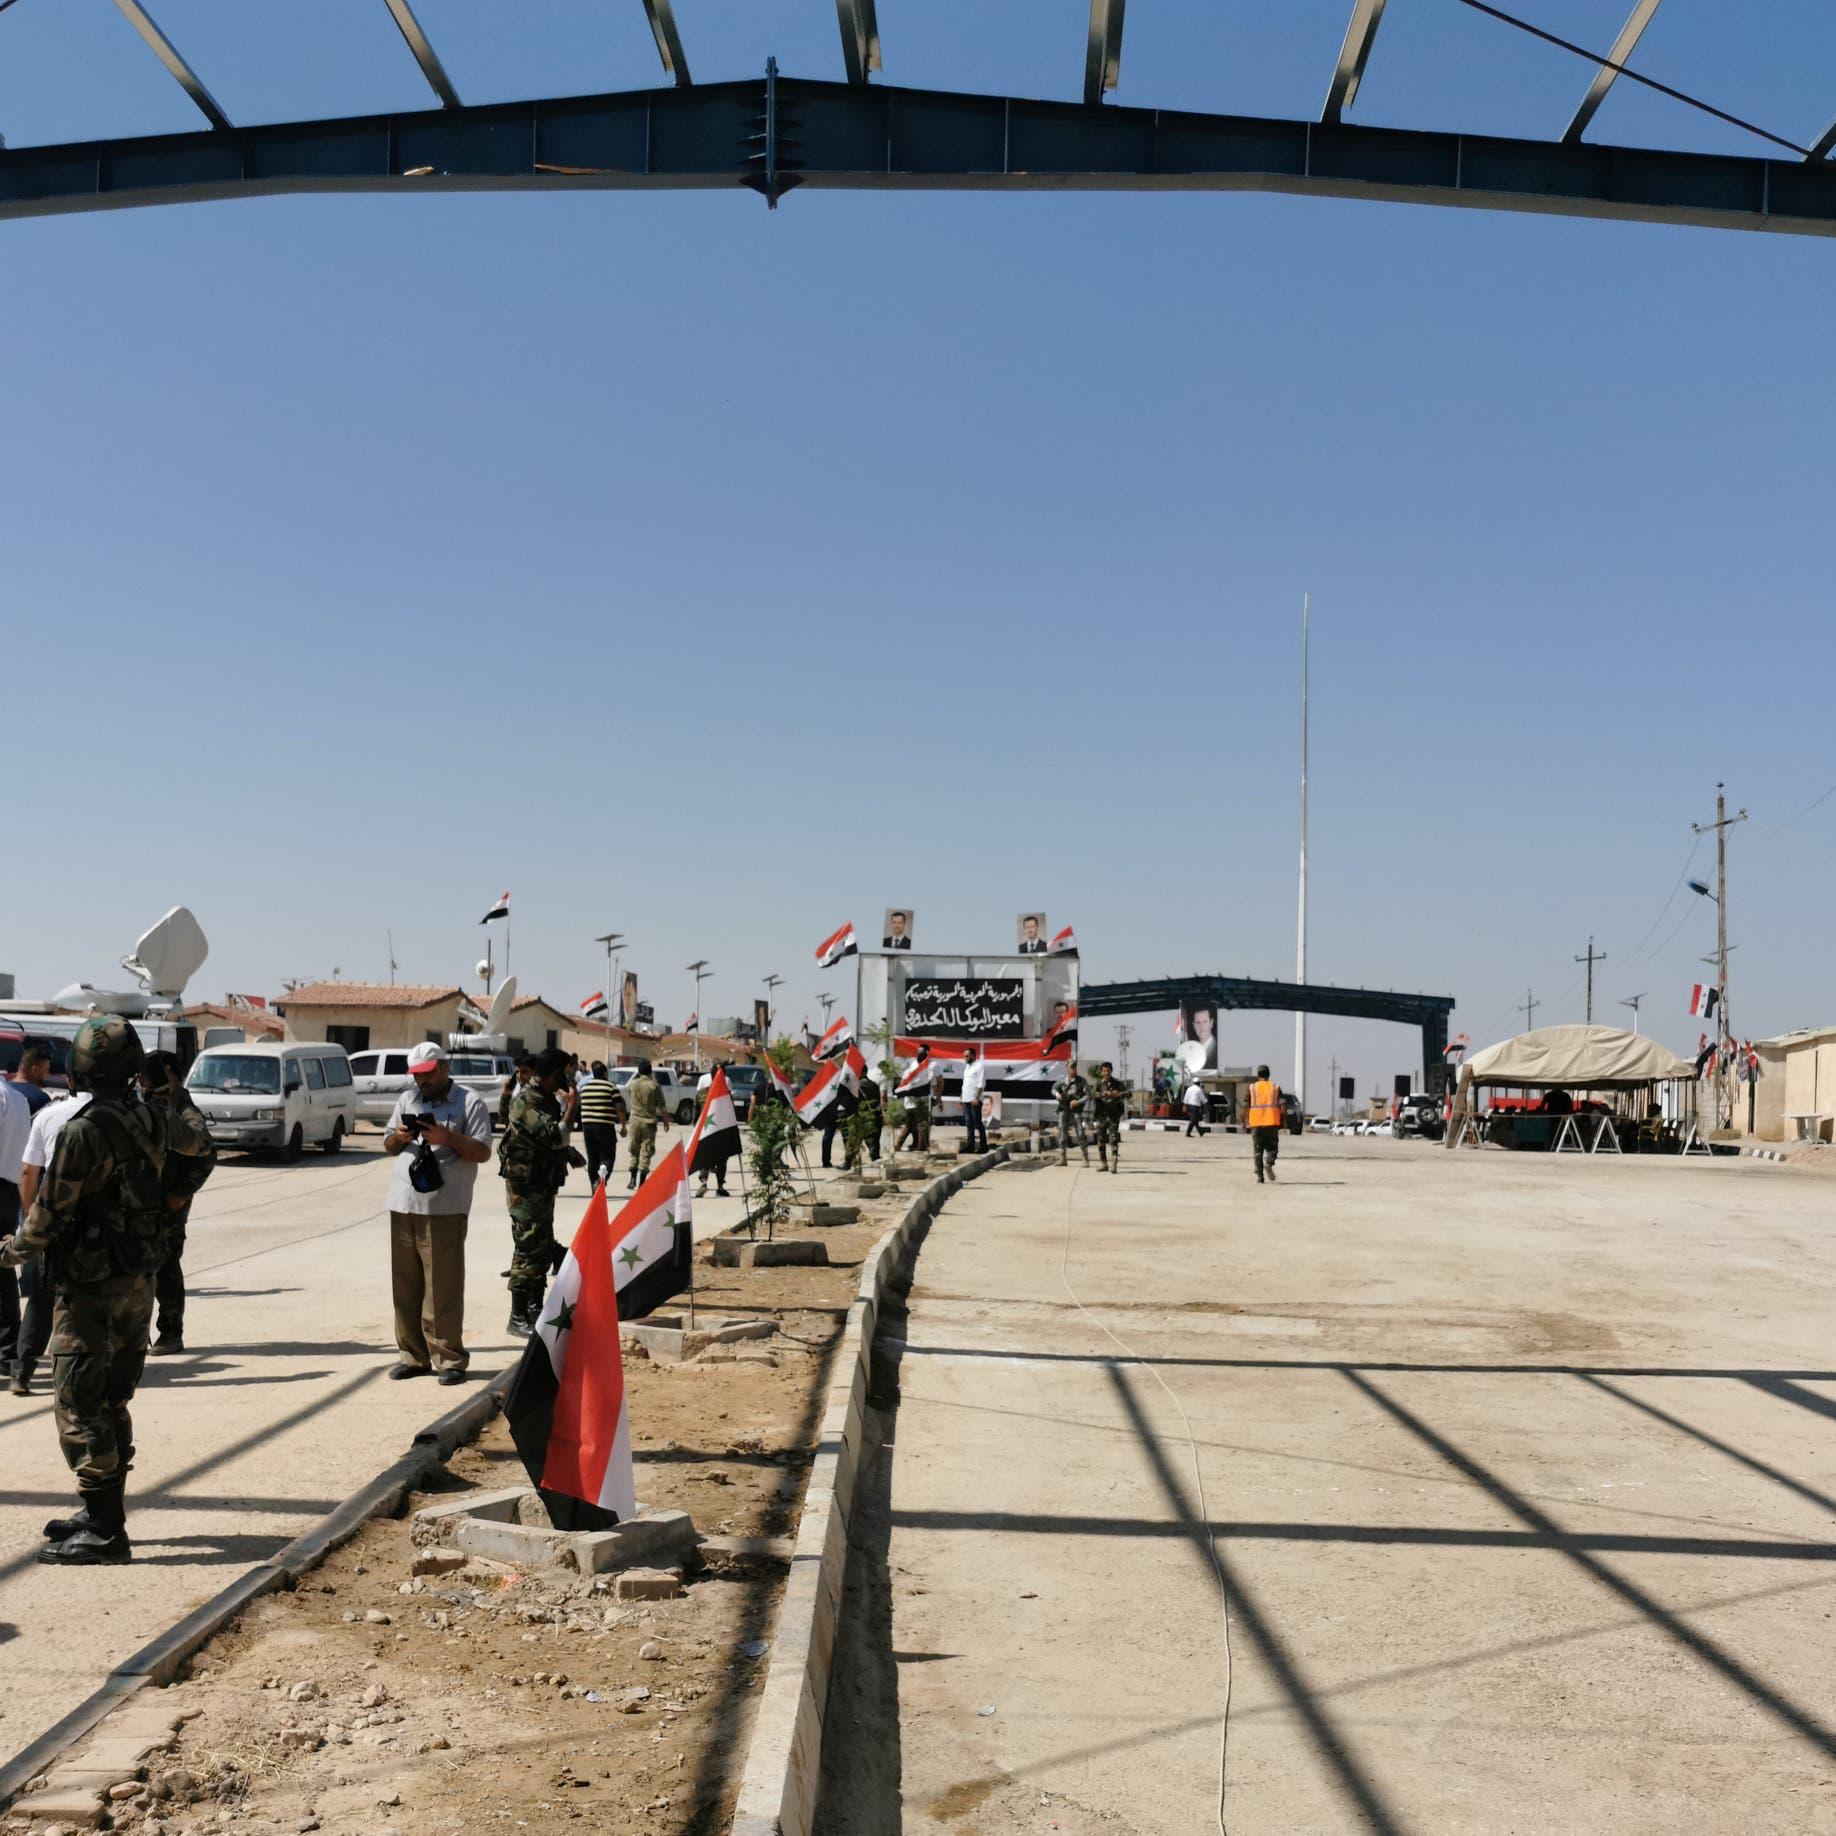 مقرات جديدة لميليشيات إيران بسوريا ومعبر القائم